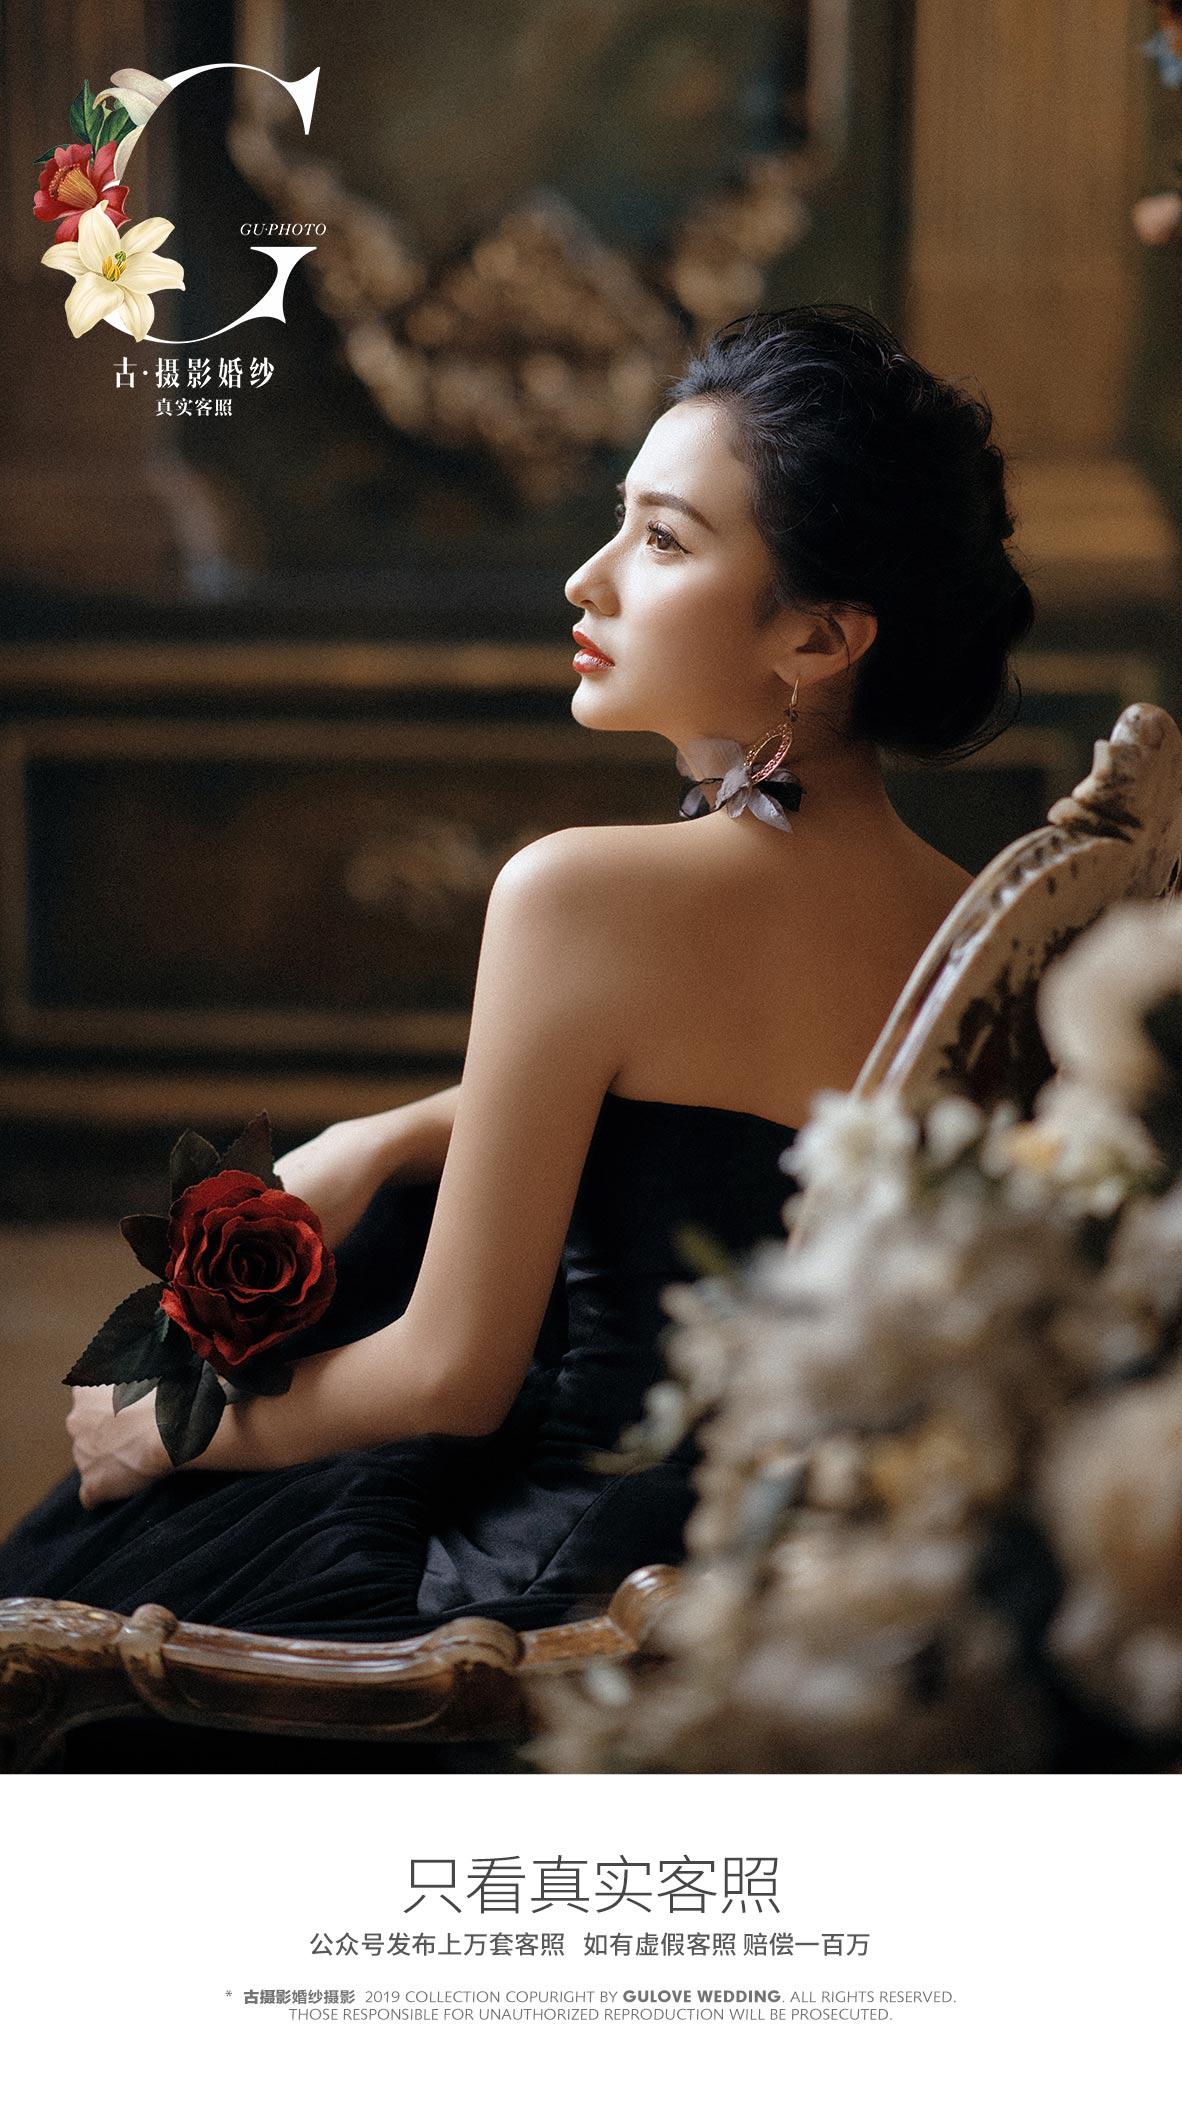 7月客照第二季 - 月度客照 - 古摄影婚纱艺术-古摄影成都婚纱摄影艺术摄影网